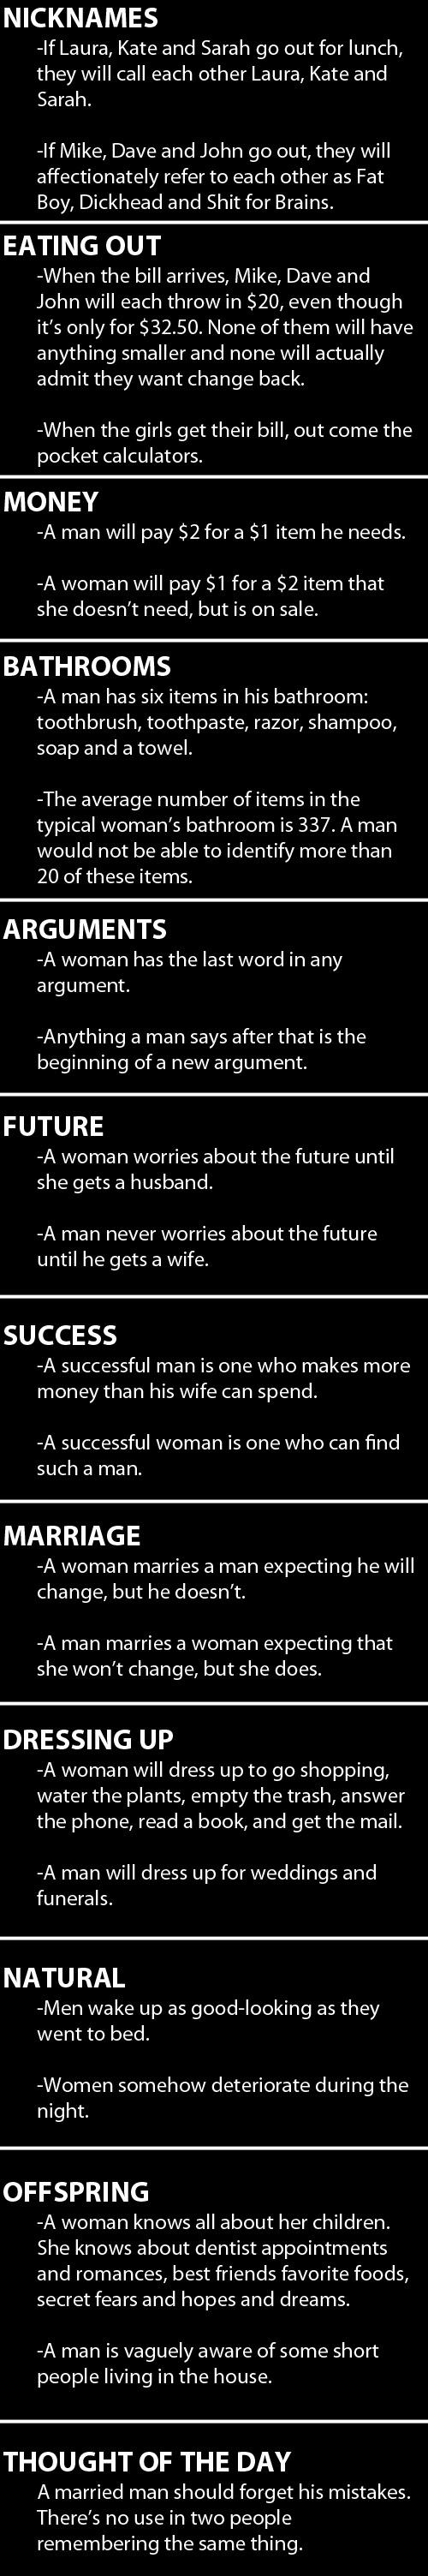 So true! :P